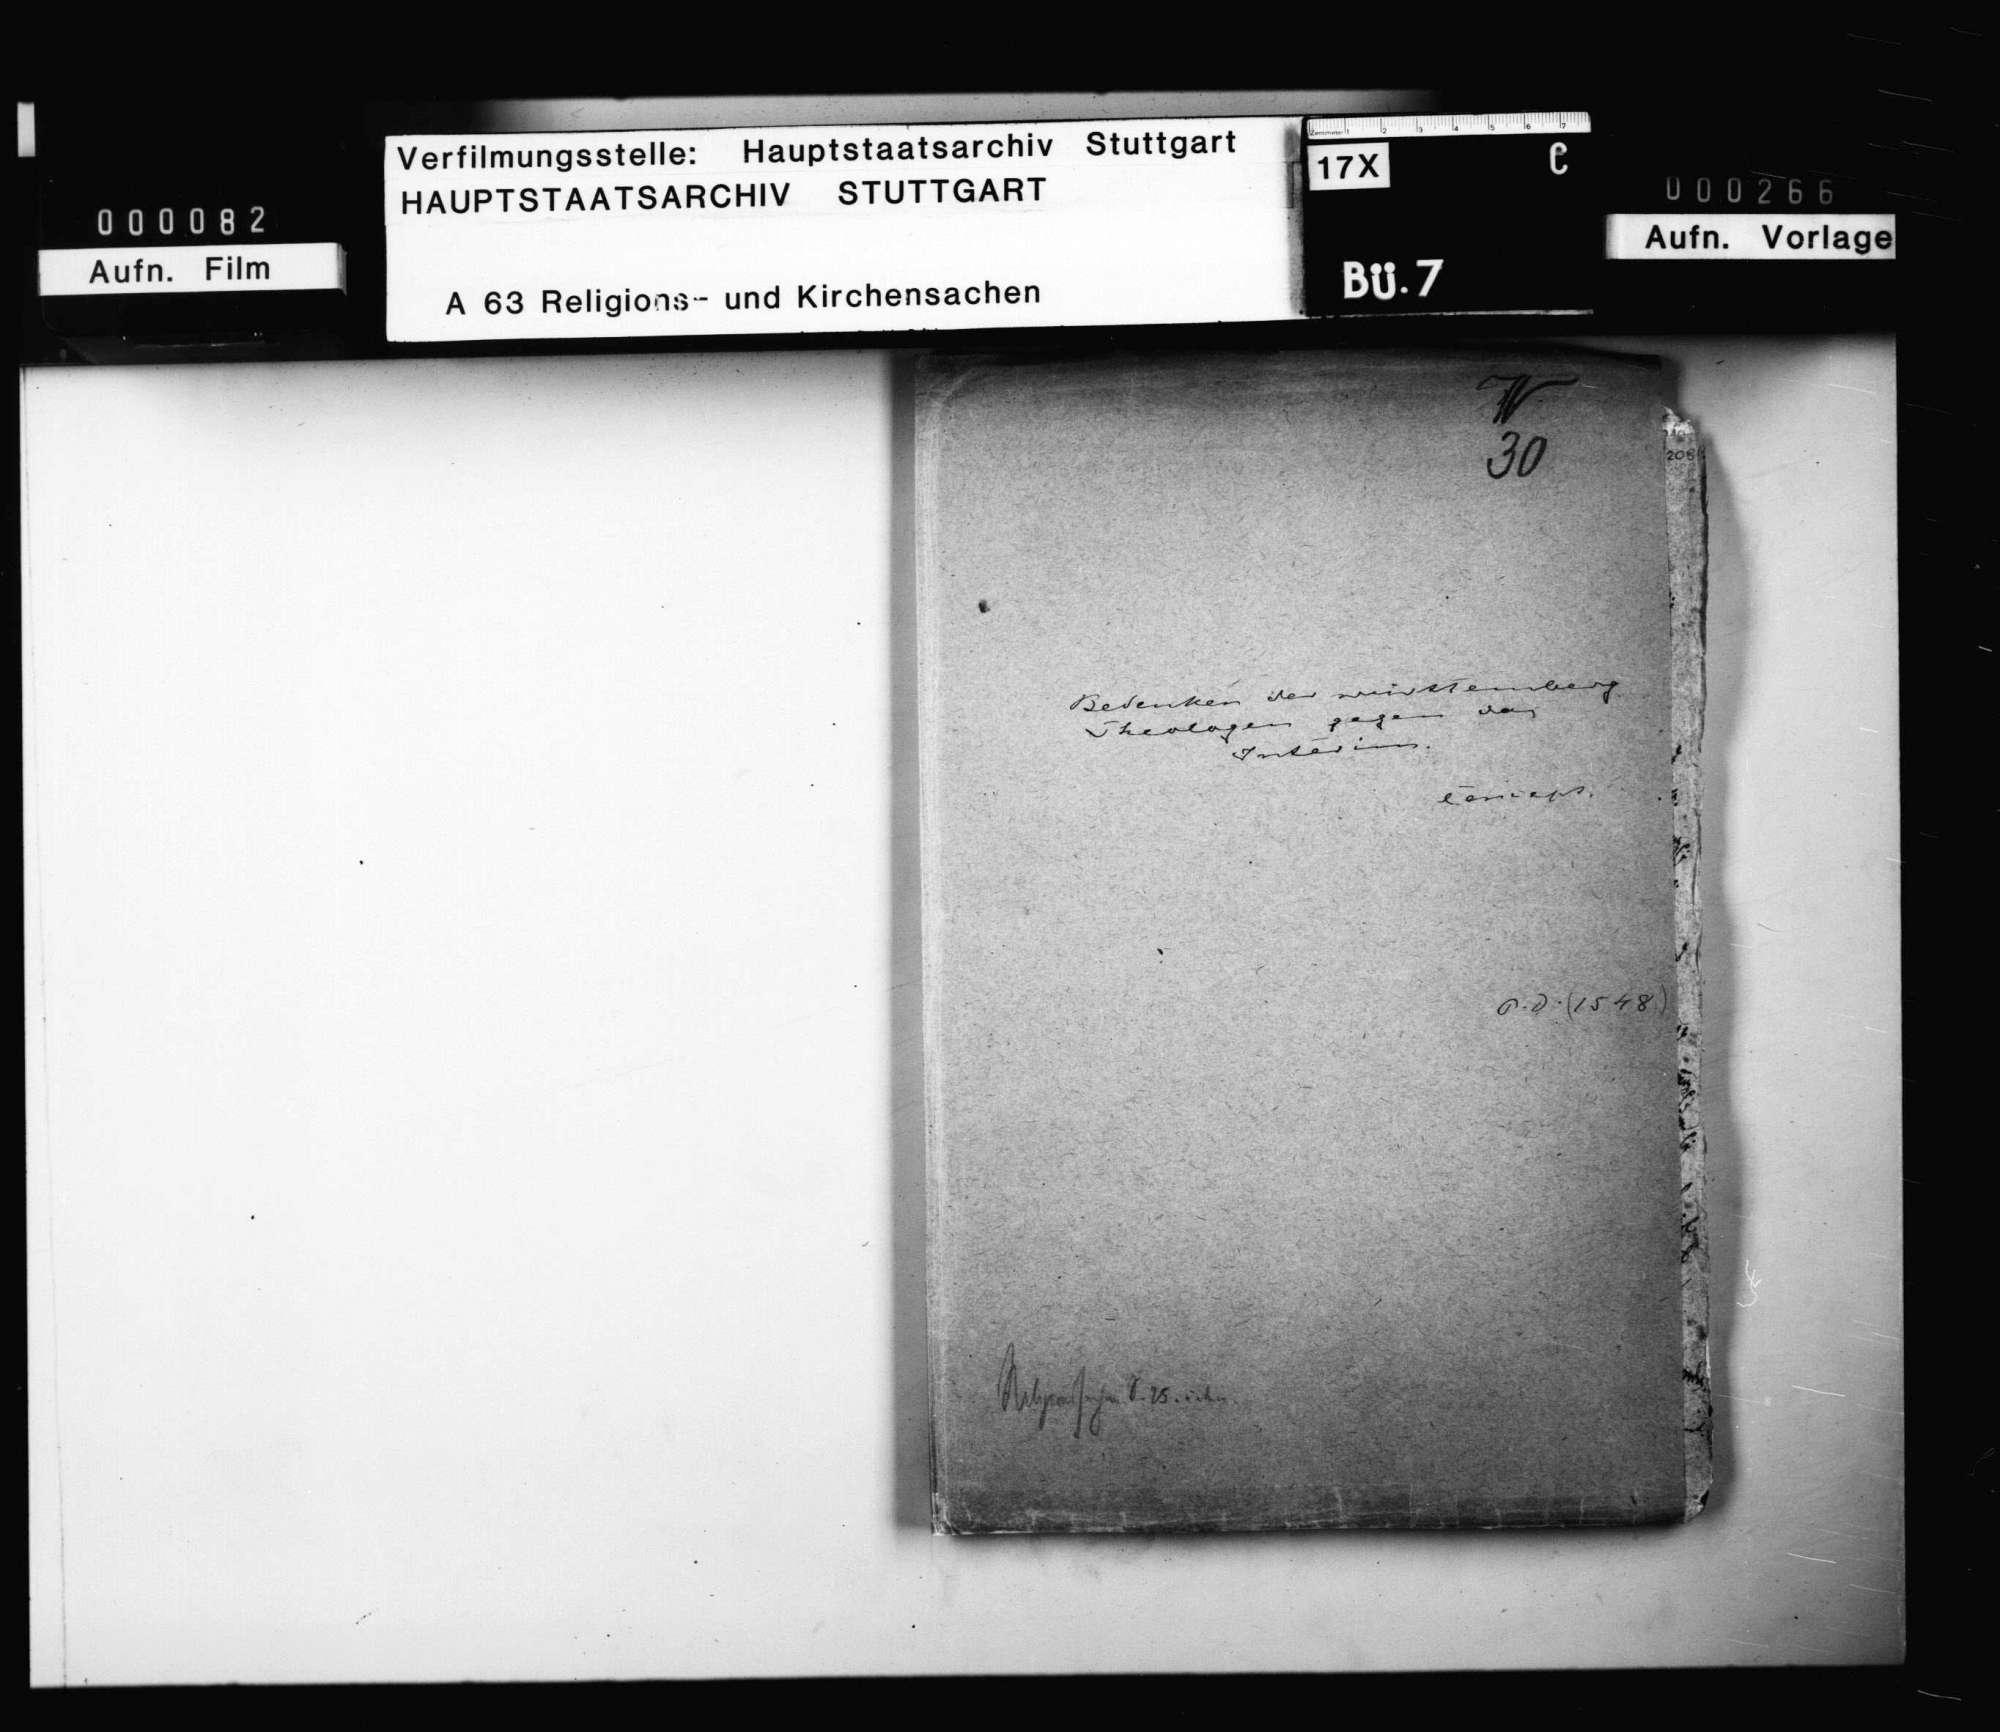 Aktenumschlag mit Angaben zu verlorengegangenen Schriftstücken zum Thema Interim, dessen Vorbereitung, Anhang und Fortgang in Württemberg., Bild 1